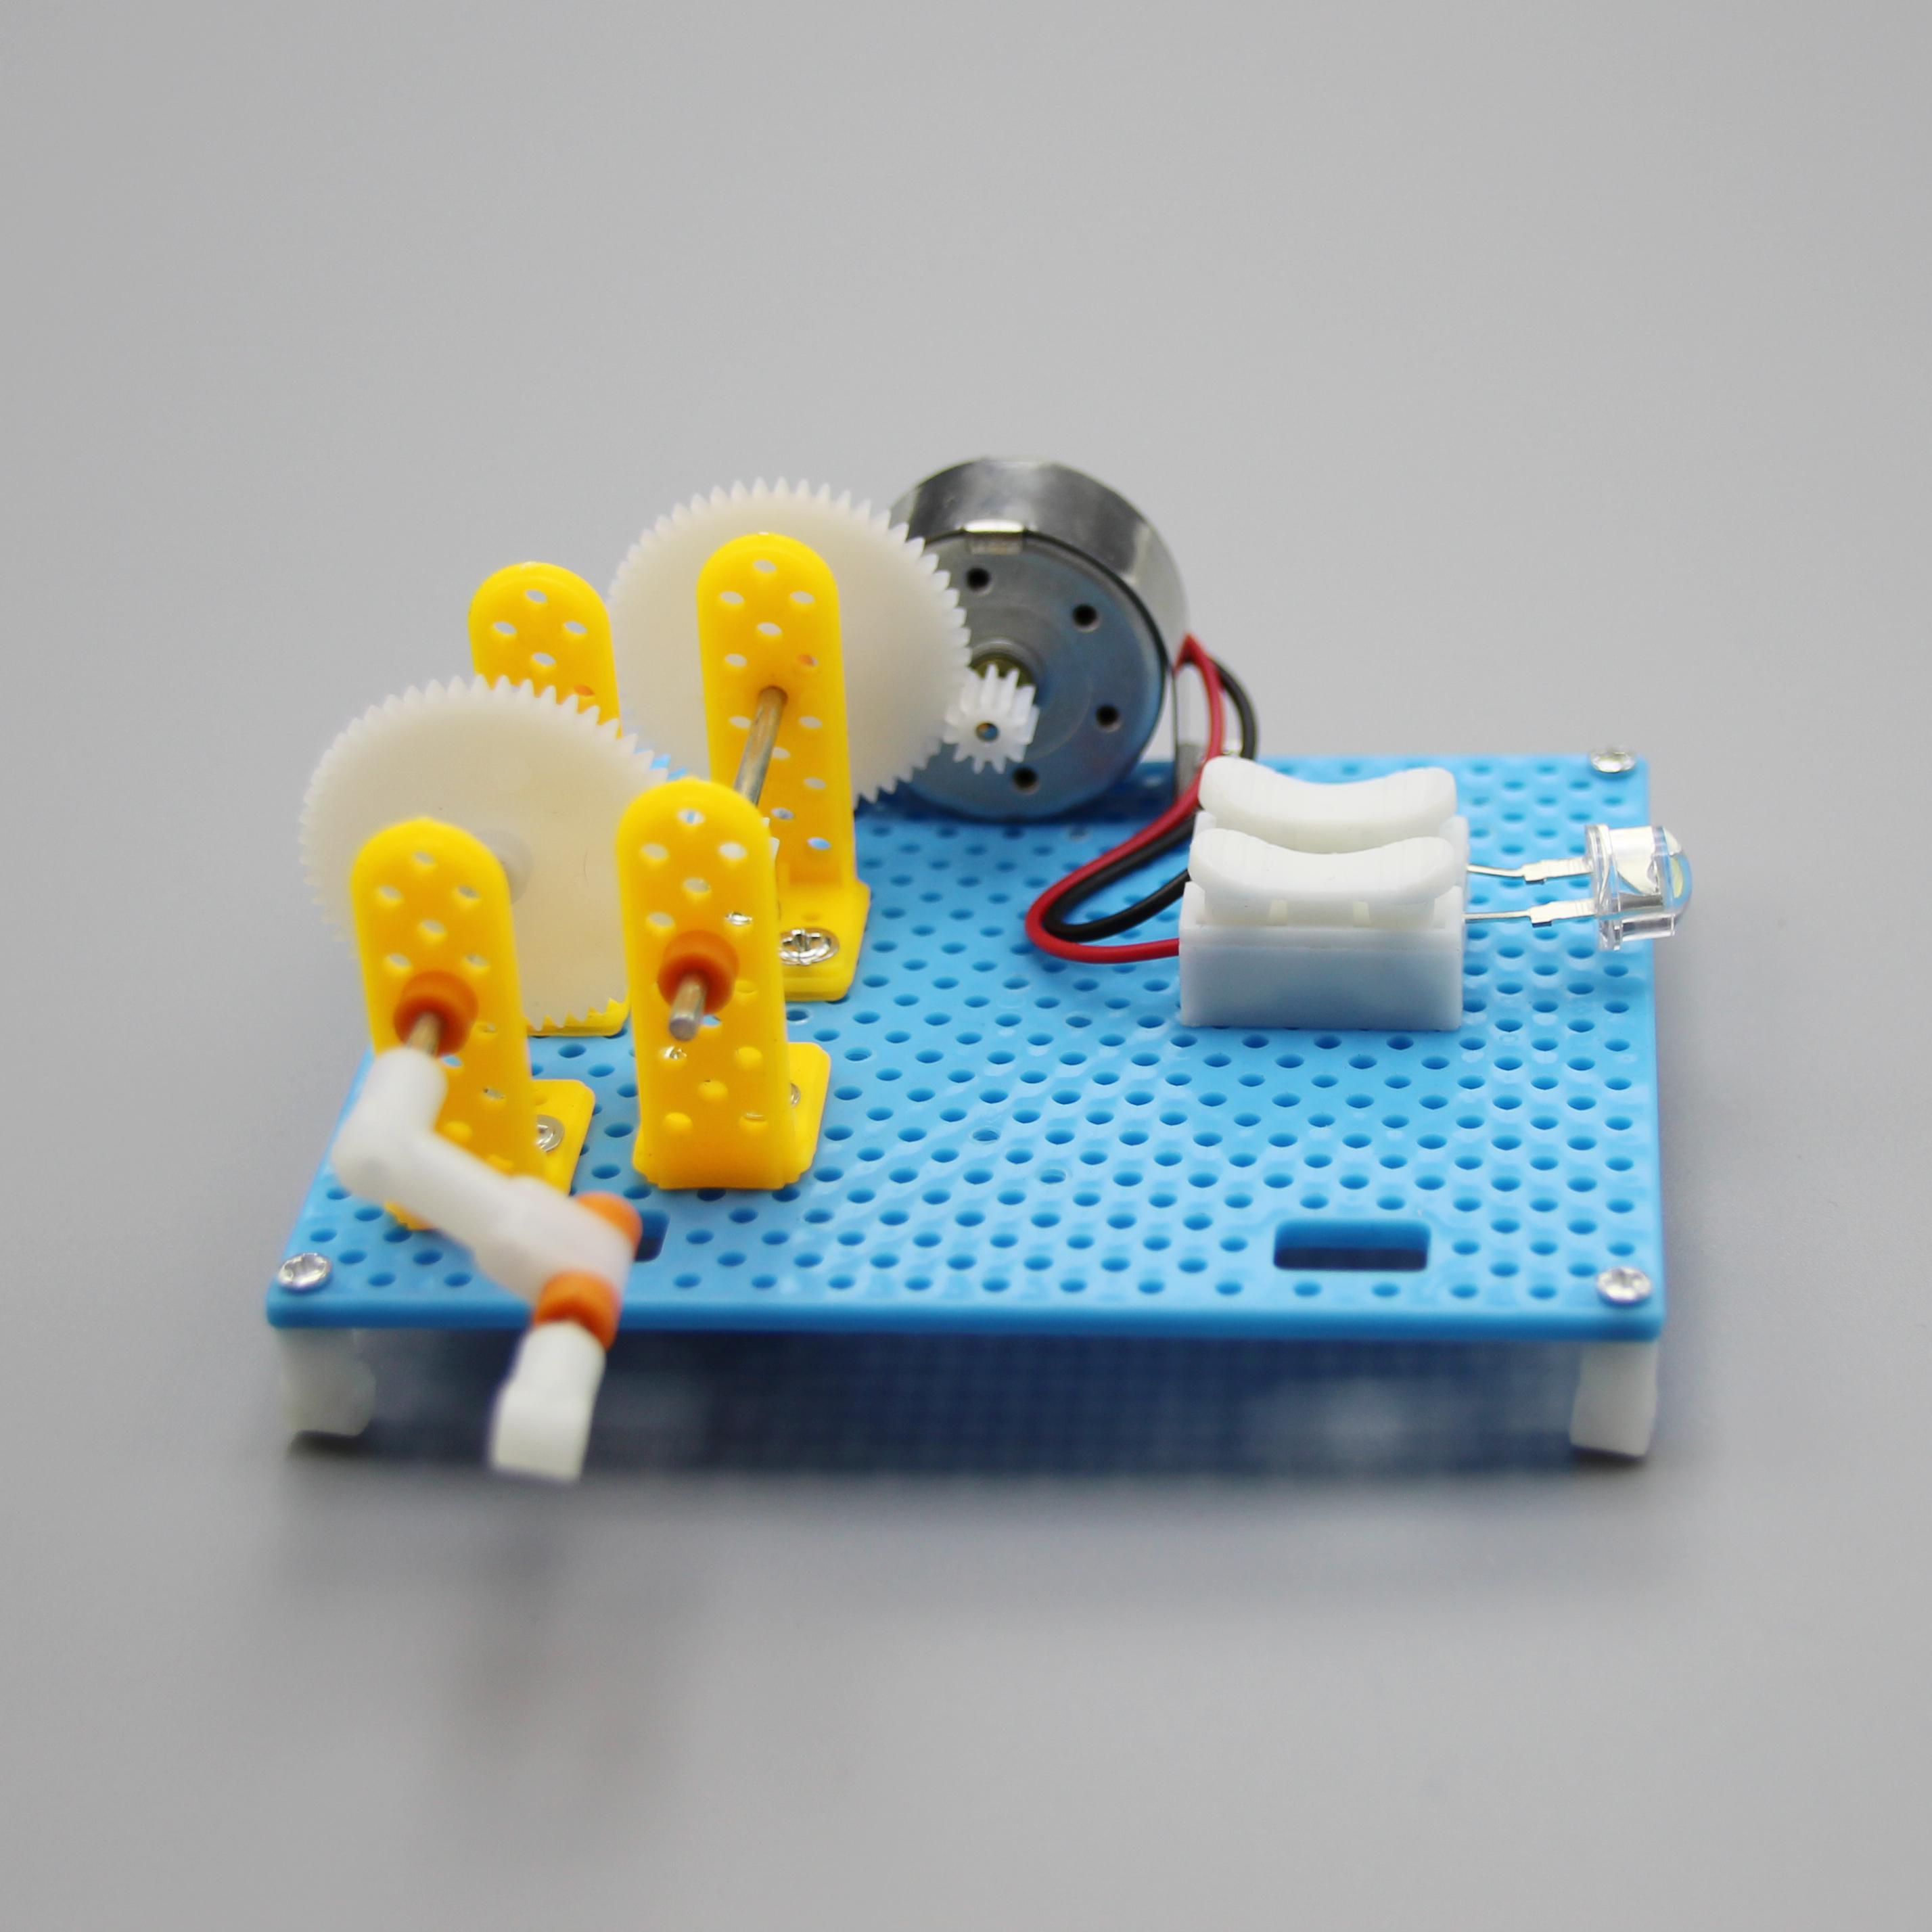 科技小制作手摇发电机模型材料小学生科学实验 儿童手工小发明